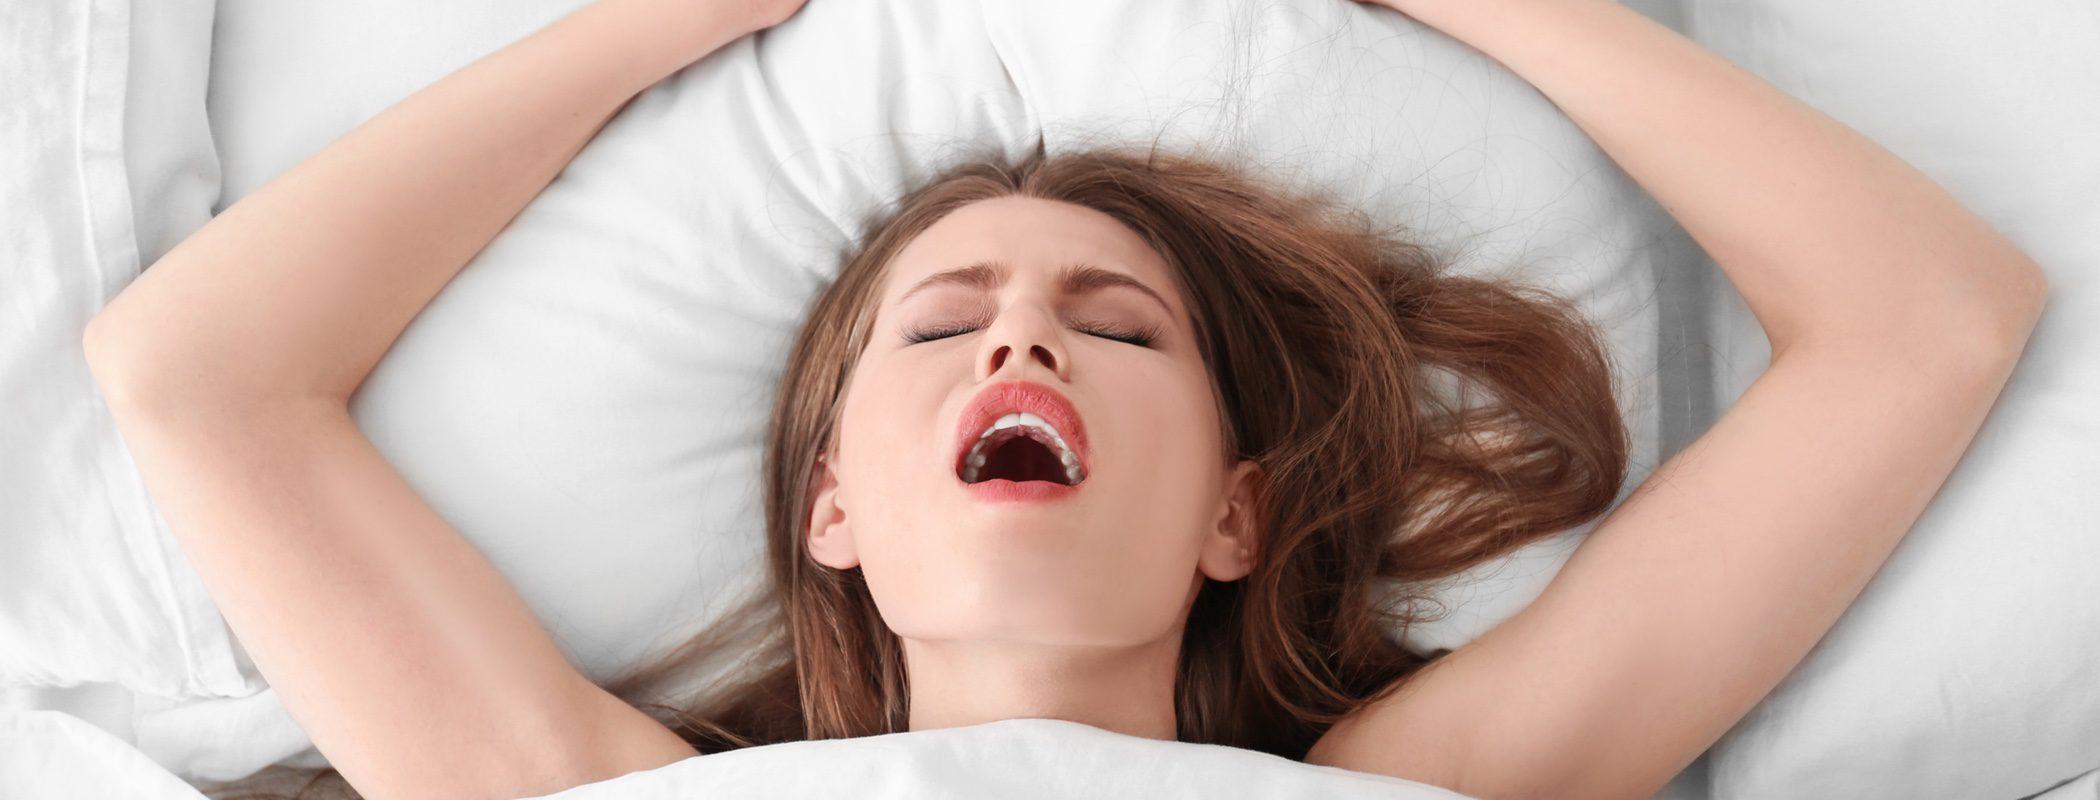 Razones por las que las mujeres fingen los orgasmos